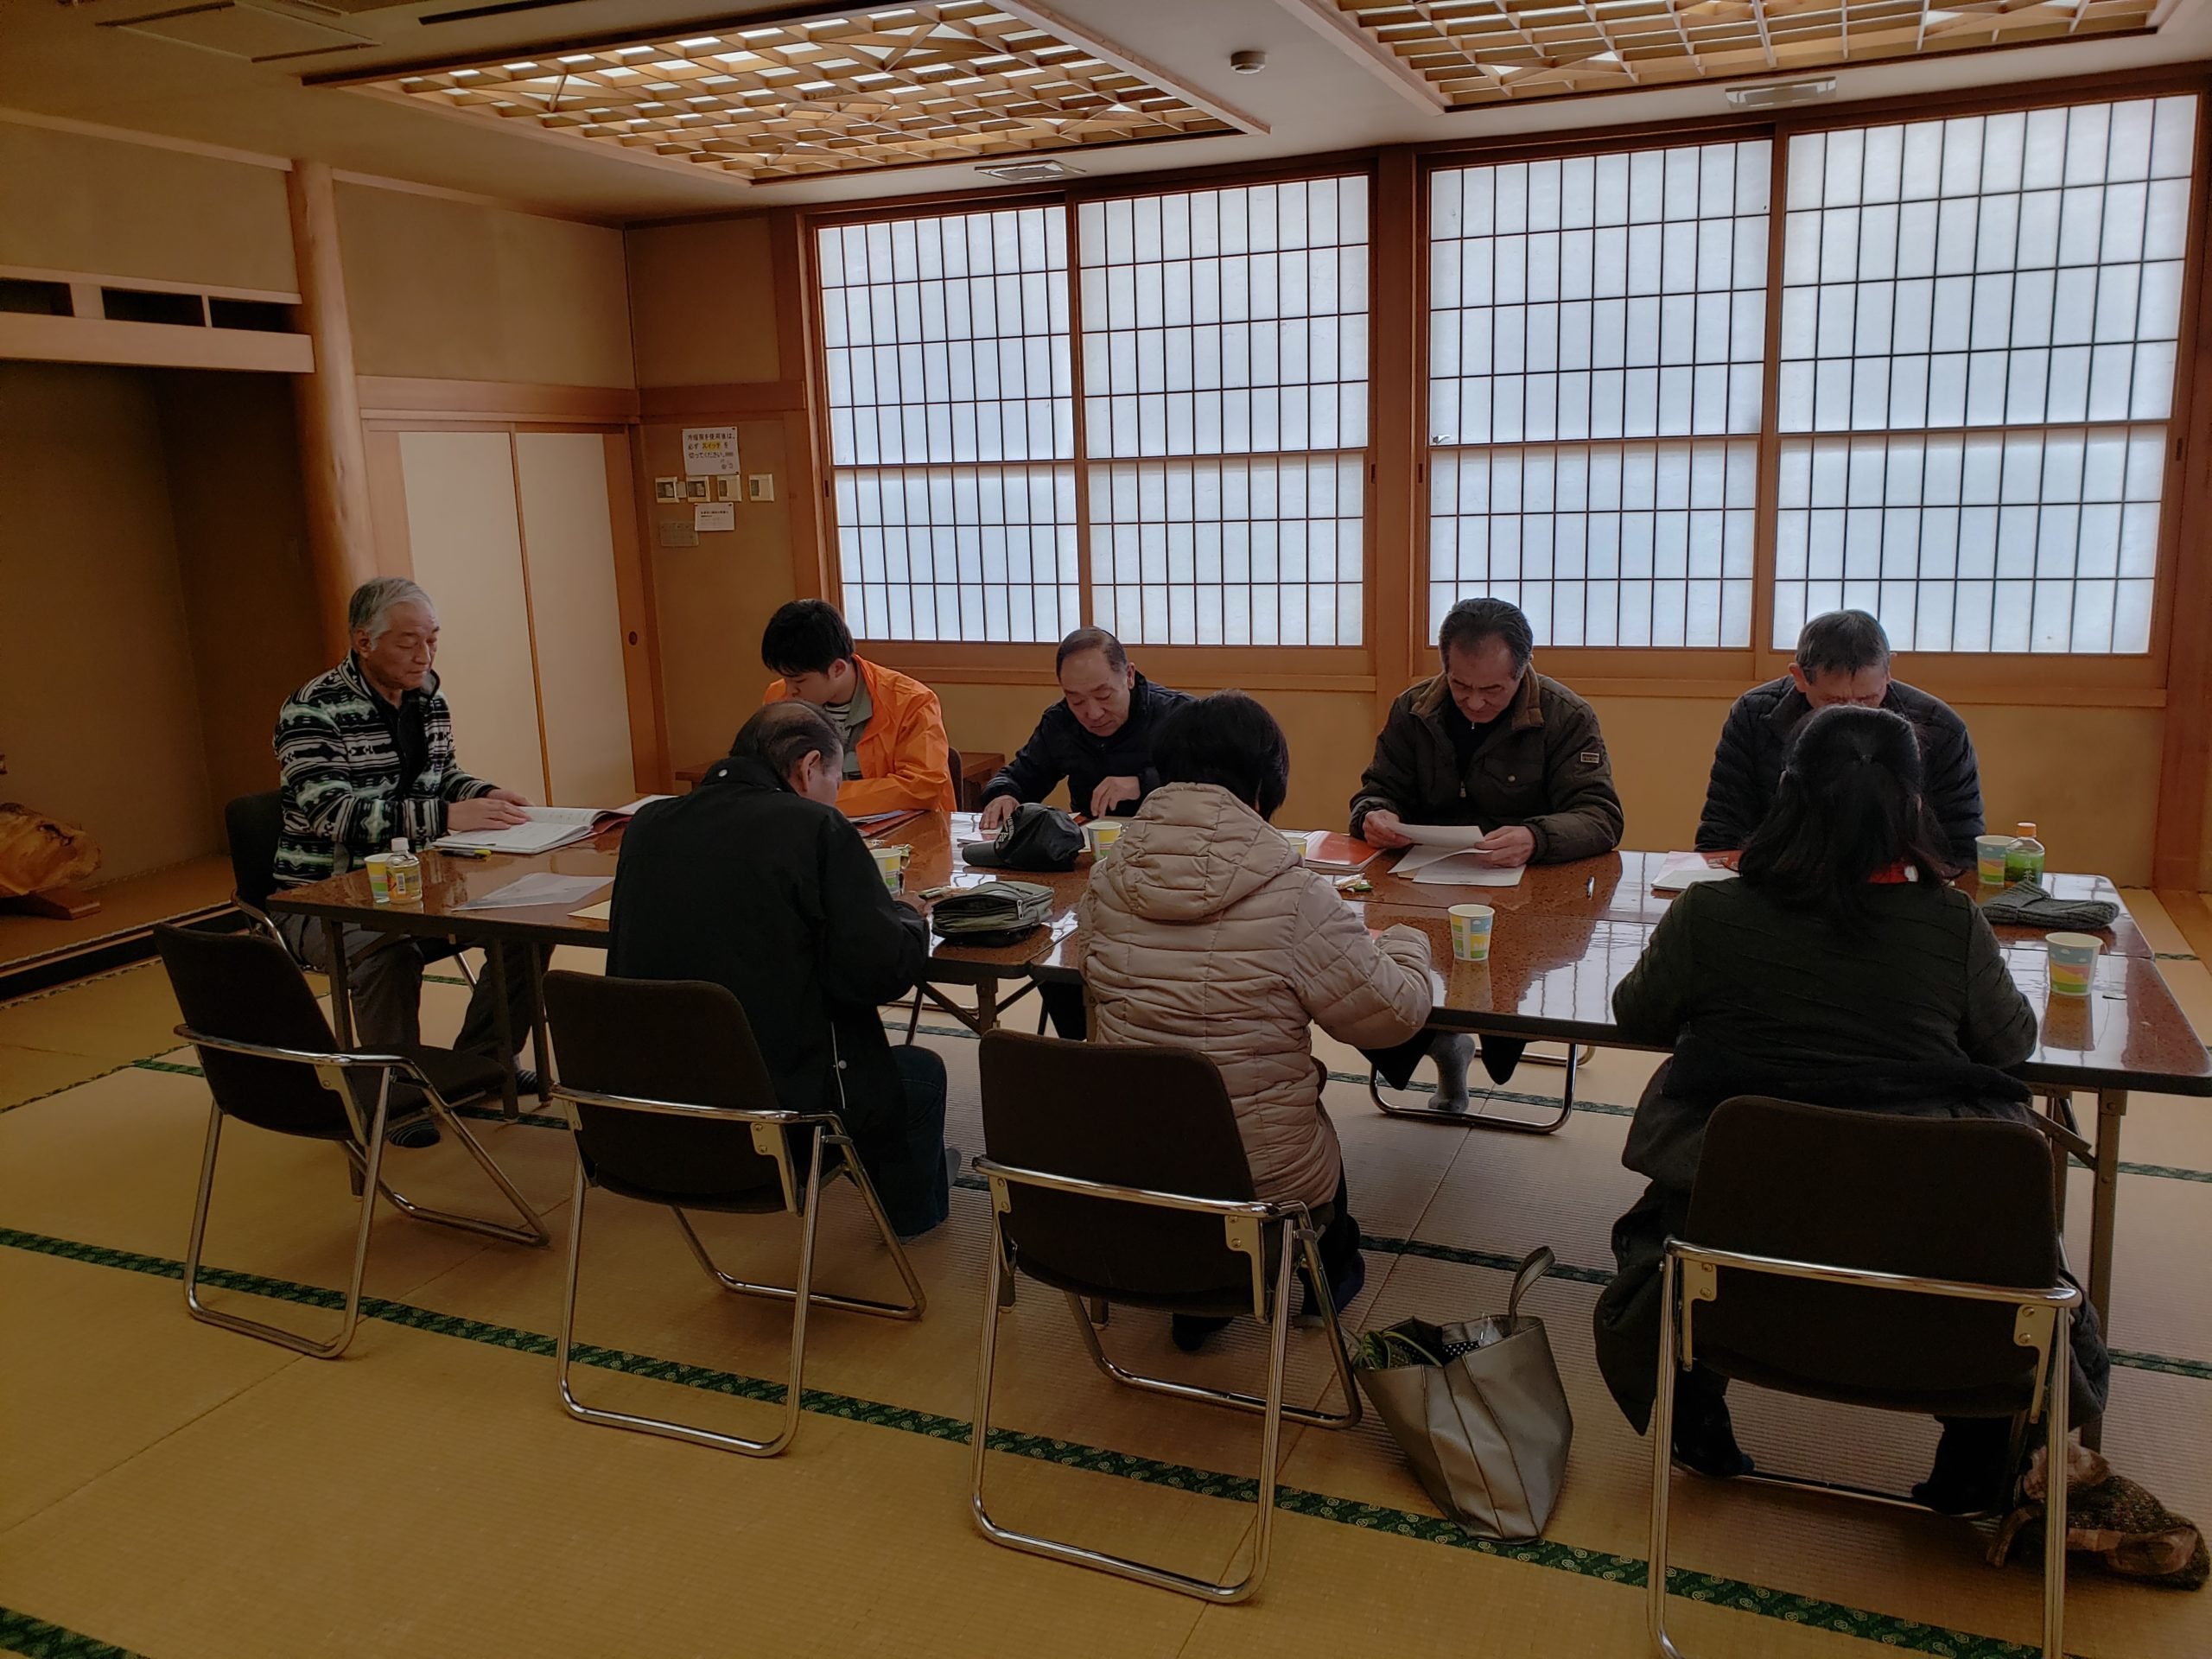 令和2年 秋田県にて市町村運営有償運送運転者講習実施しました。